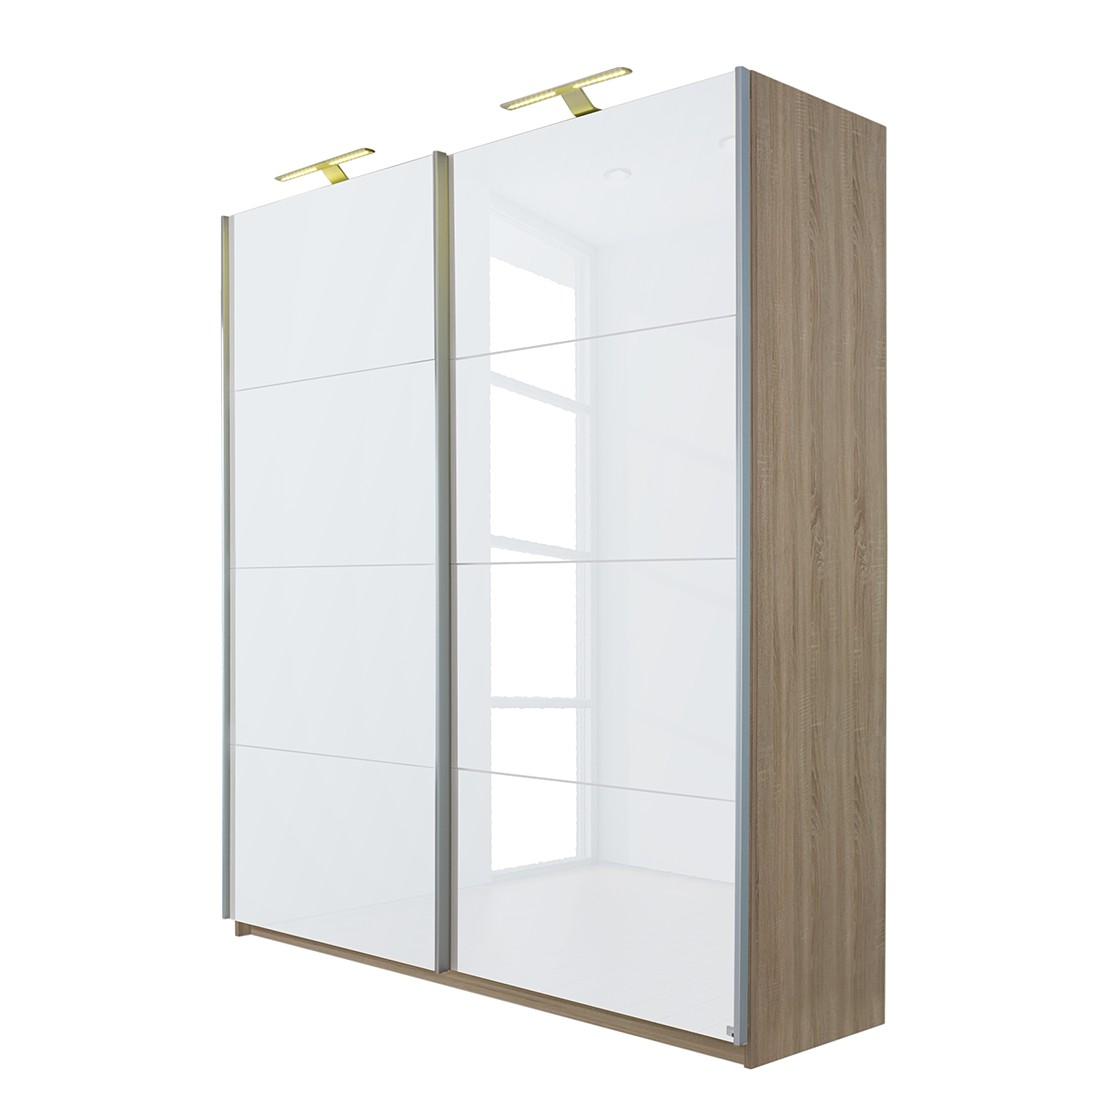 Armoire à portes coulissantes Beluga - Blanc brillant / Imitation chêne de Sonoma - 136 cm (2 portes